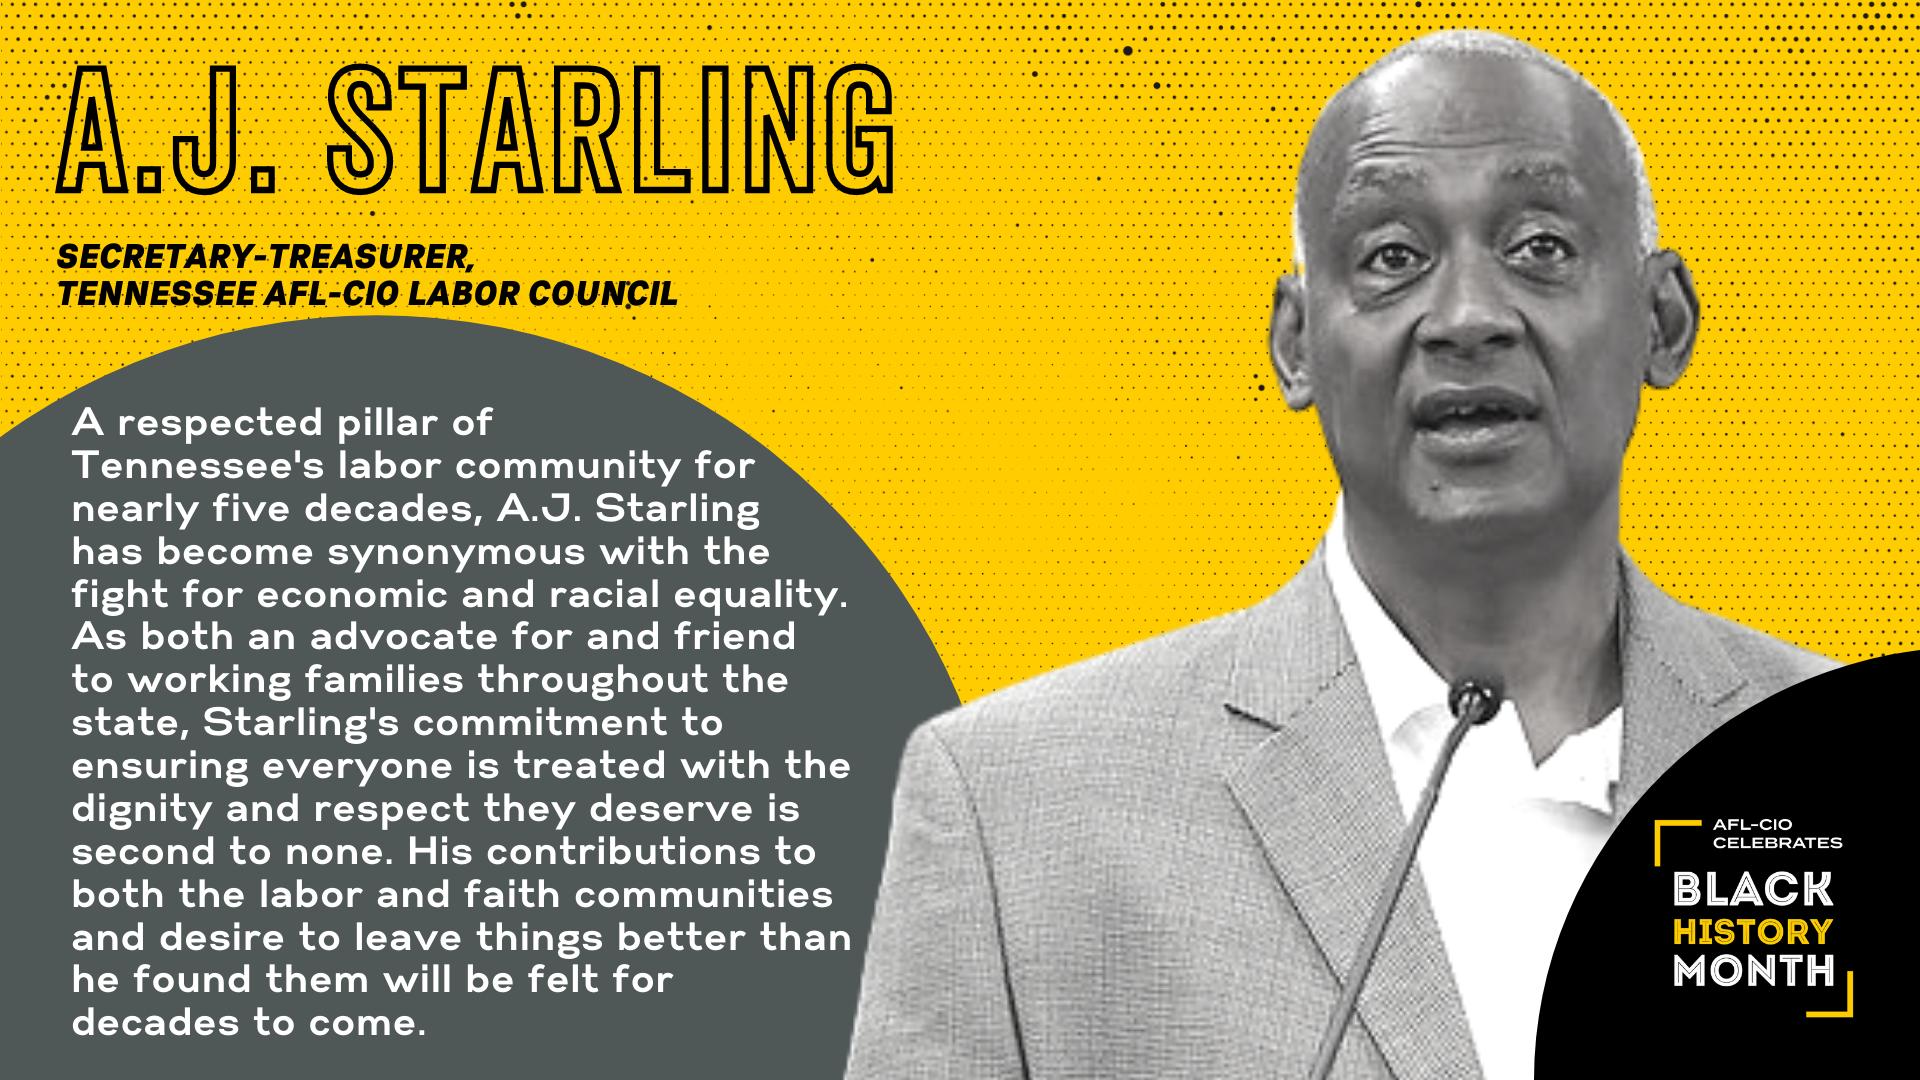 A.J. Starling